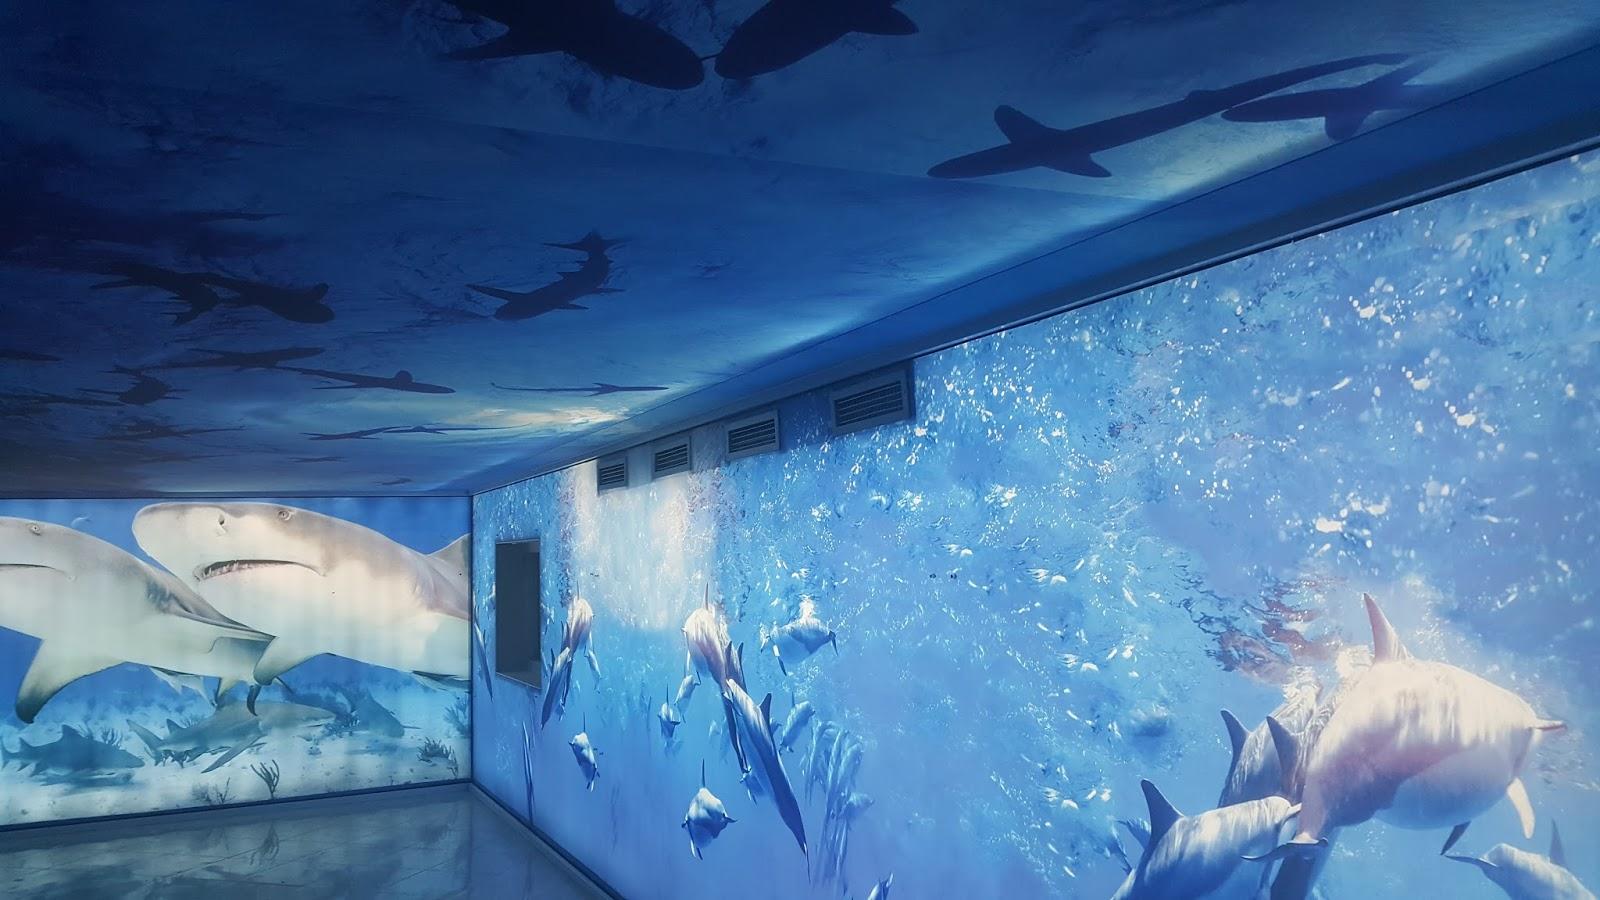 Plafond et mur tendu imprim tanger maroc for Faux plafond translucide